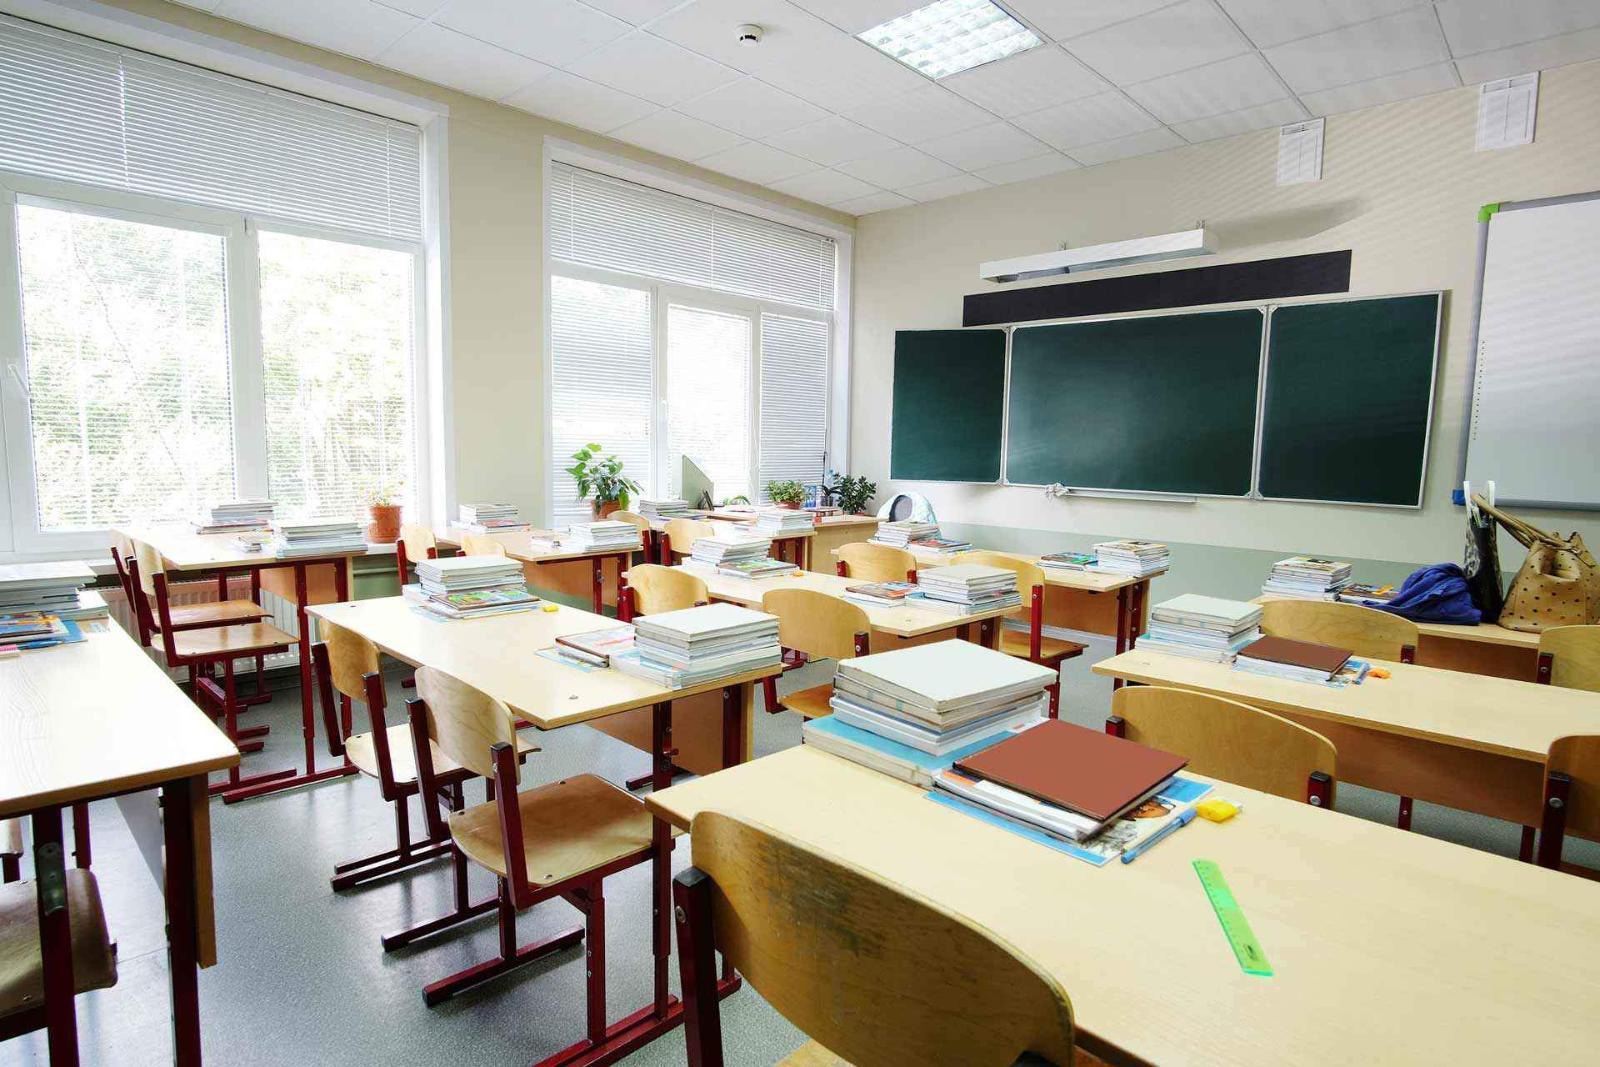 Министерство просвещения объявило о школьных каникулах с 30 октября по 7 ноября